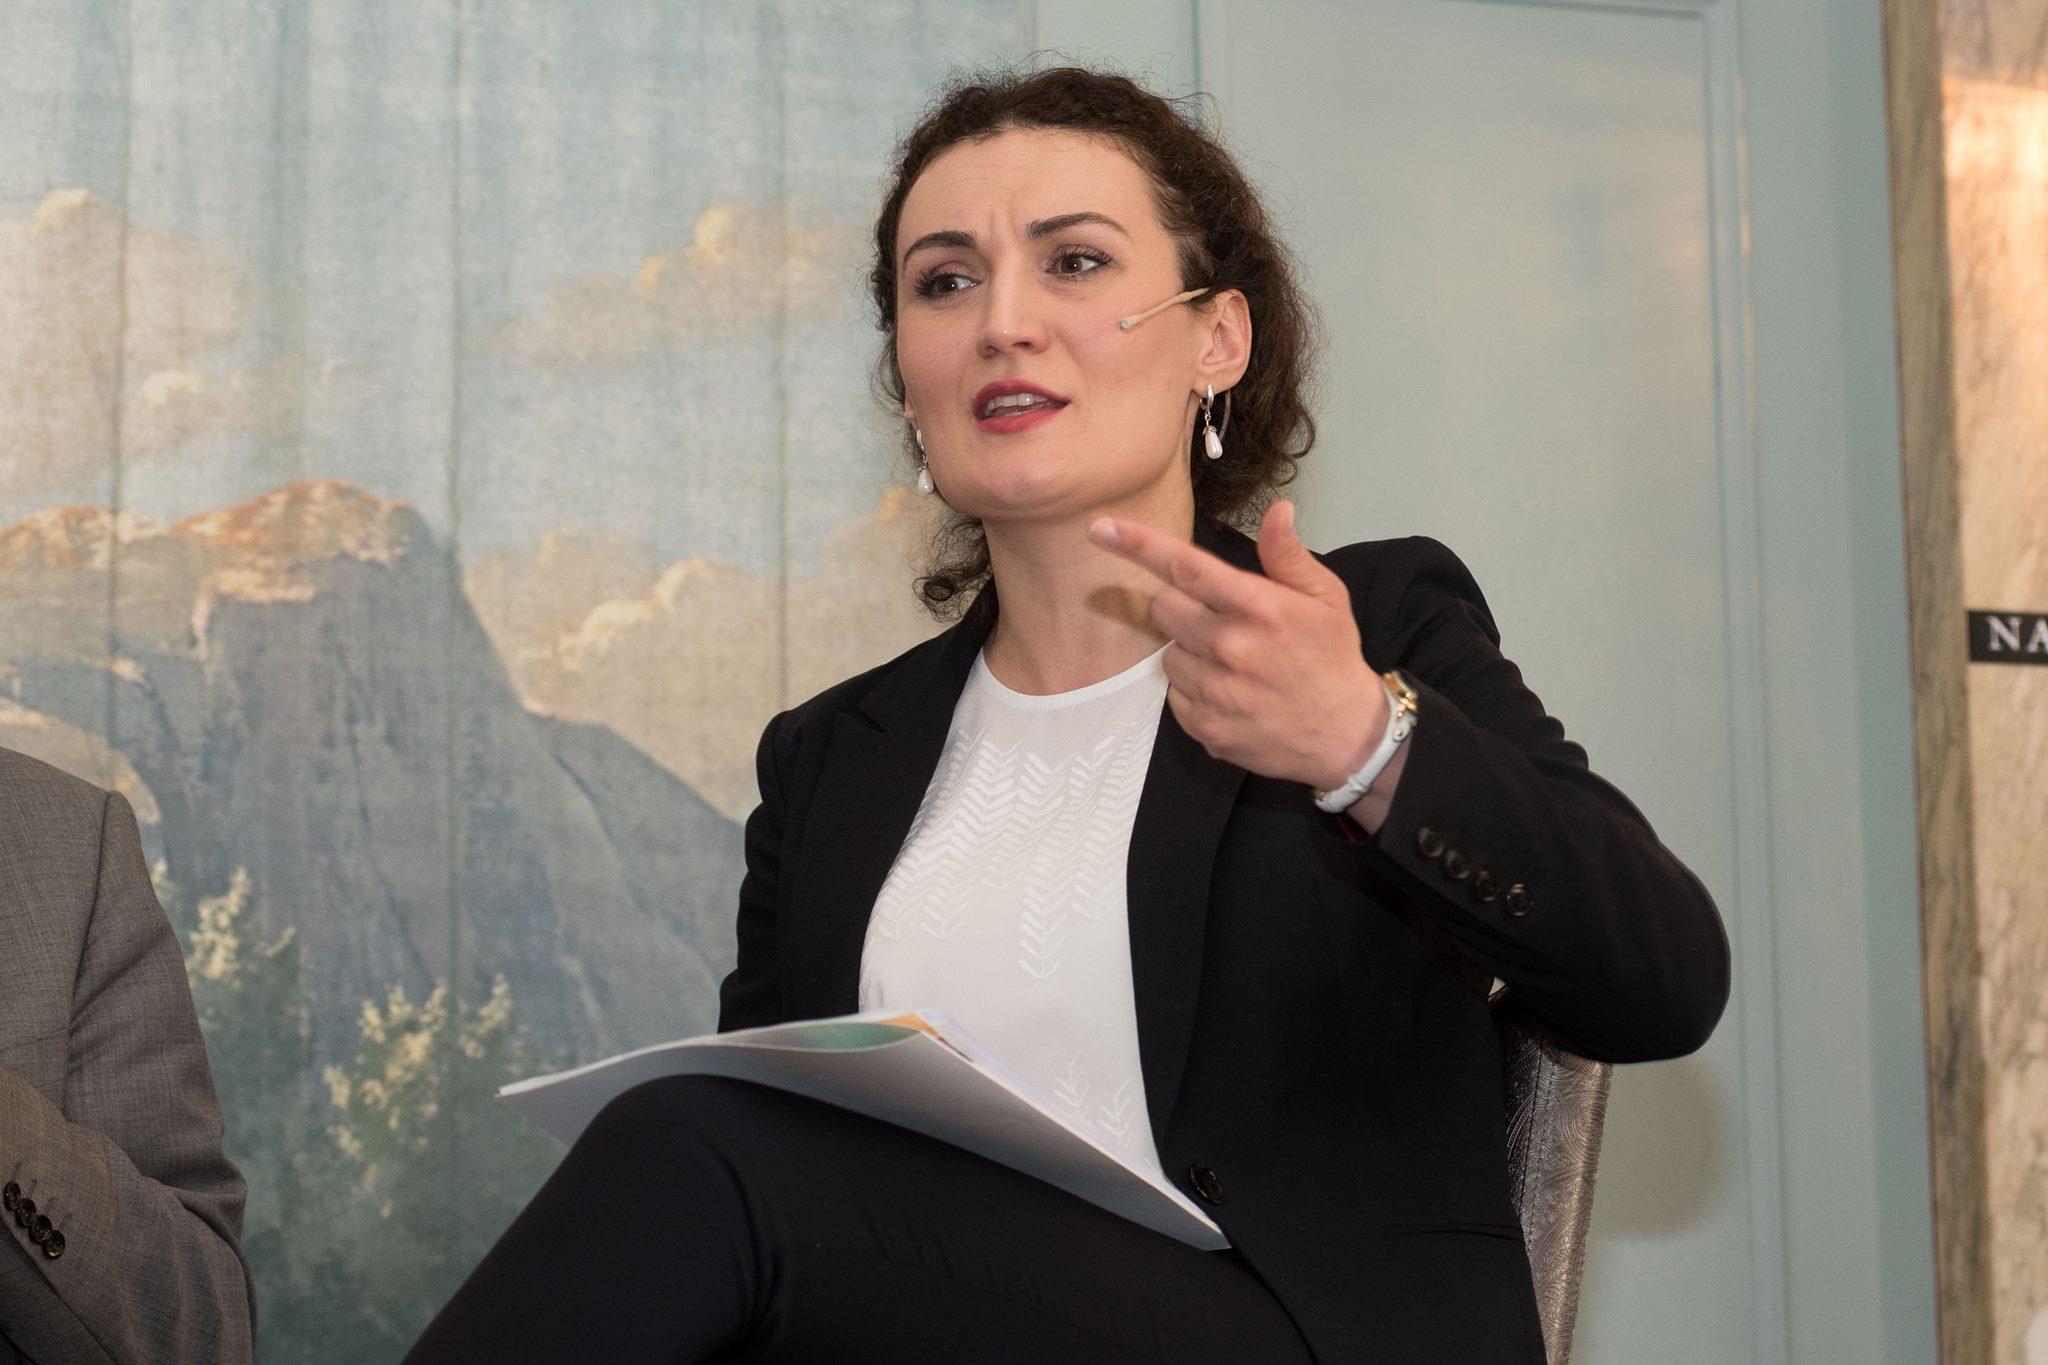 Цихелашвили: жители Абхазии и Цхинвальского региона должны получить право пользоваться безвизовым режимом с ЕС